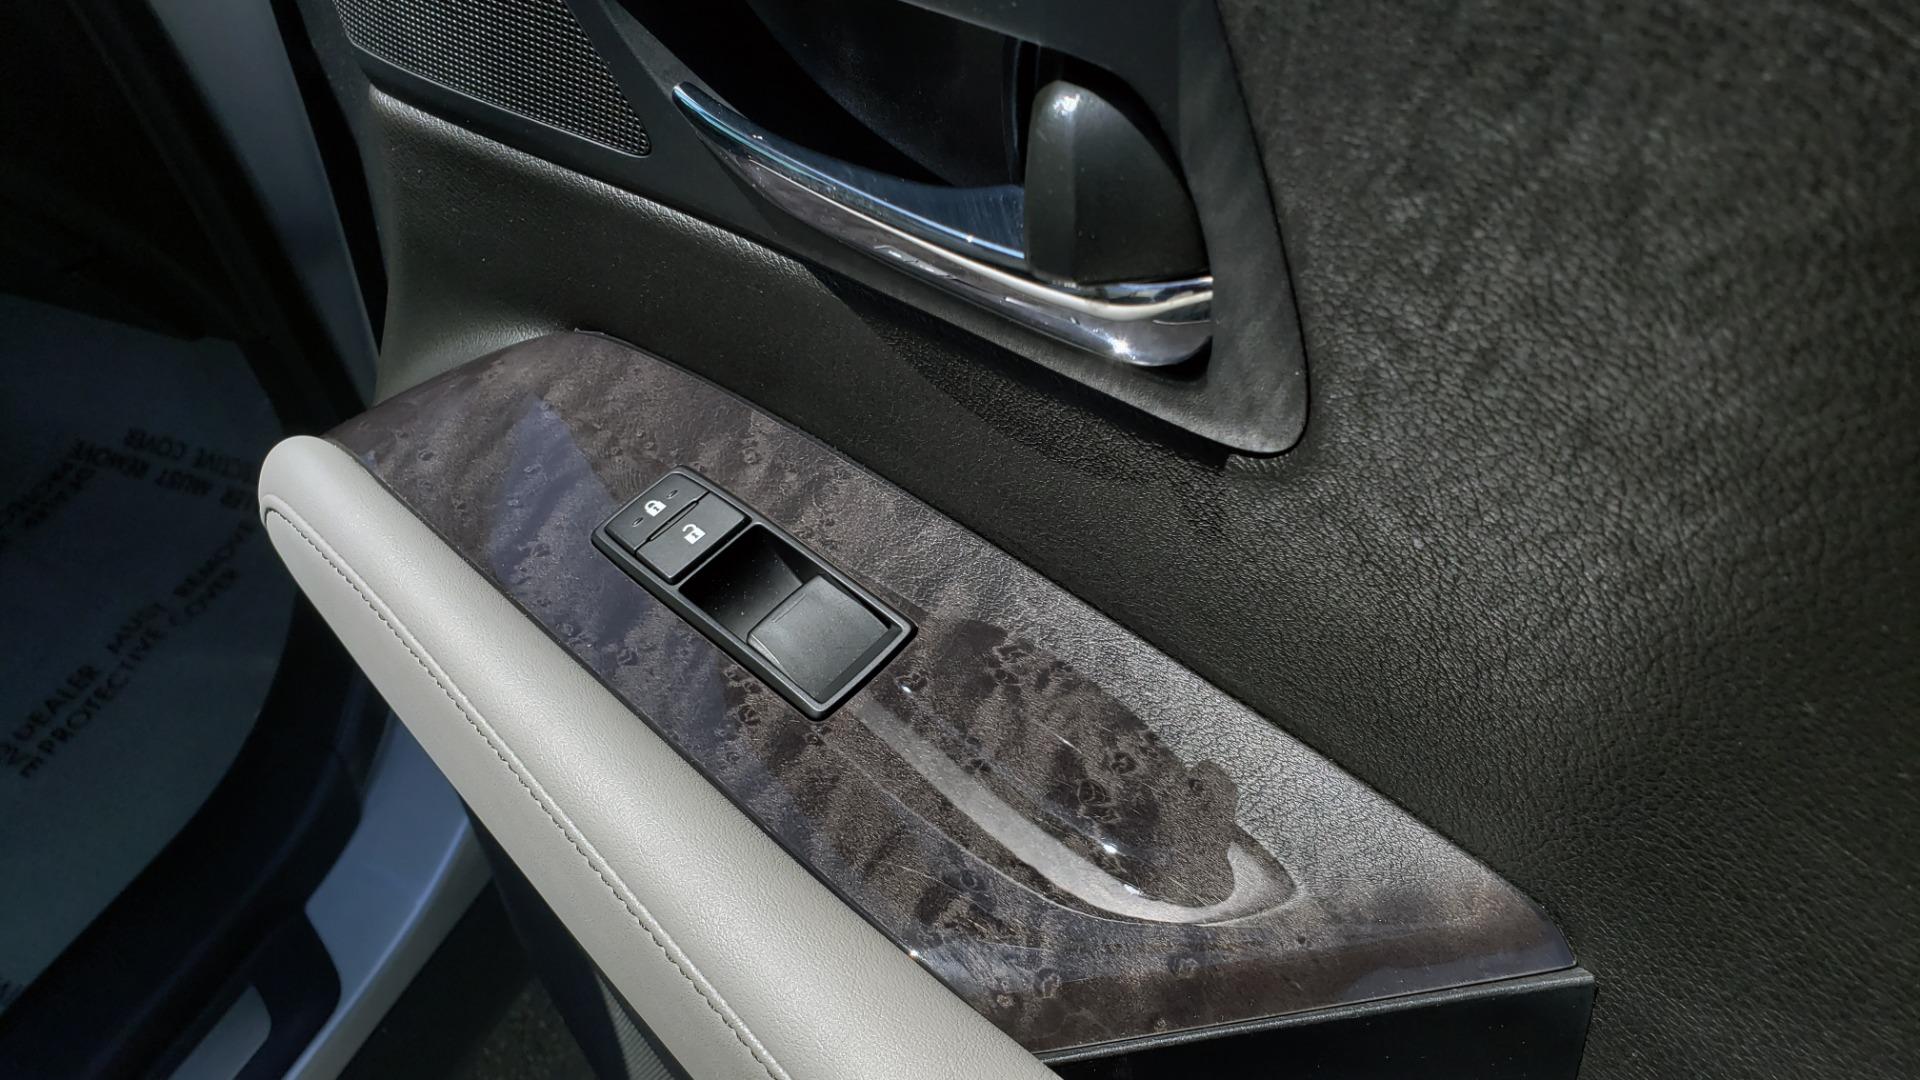 Used 2015 Lexus RX 450H AWD / PREM PKG / NAV / PARK ASST / HUD / BLIND SPOT MONITOR for sale Sold at Formula Imports in Charlotte NC 28227 69